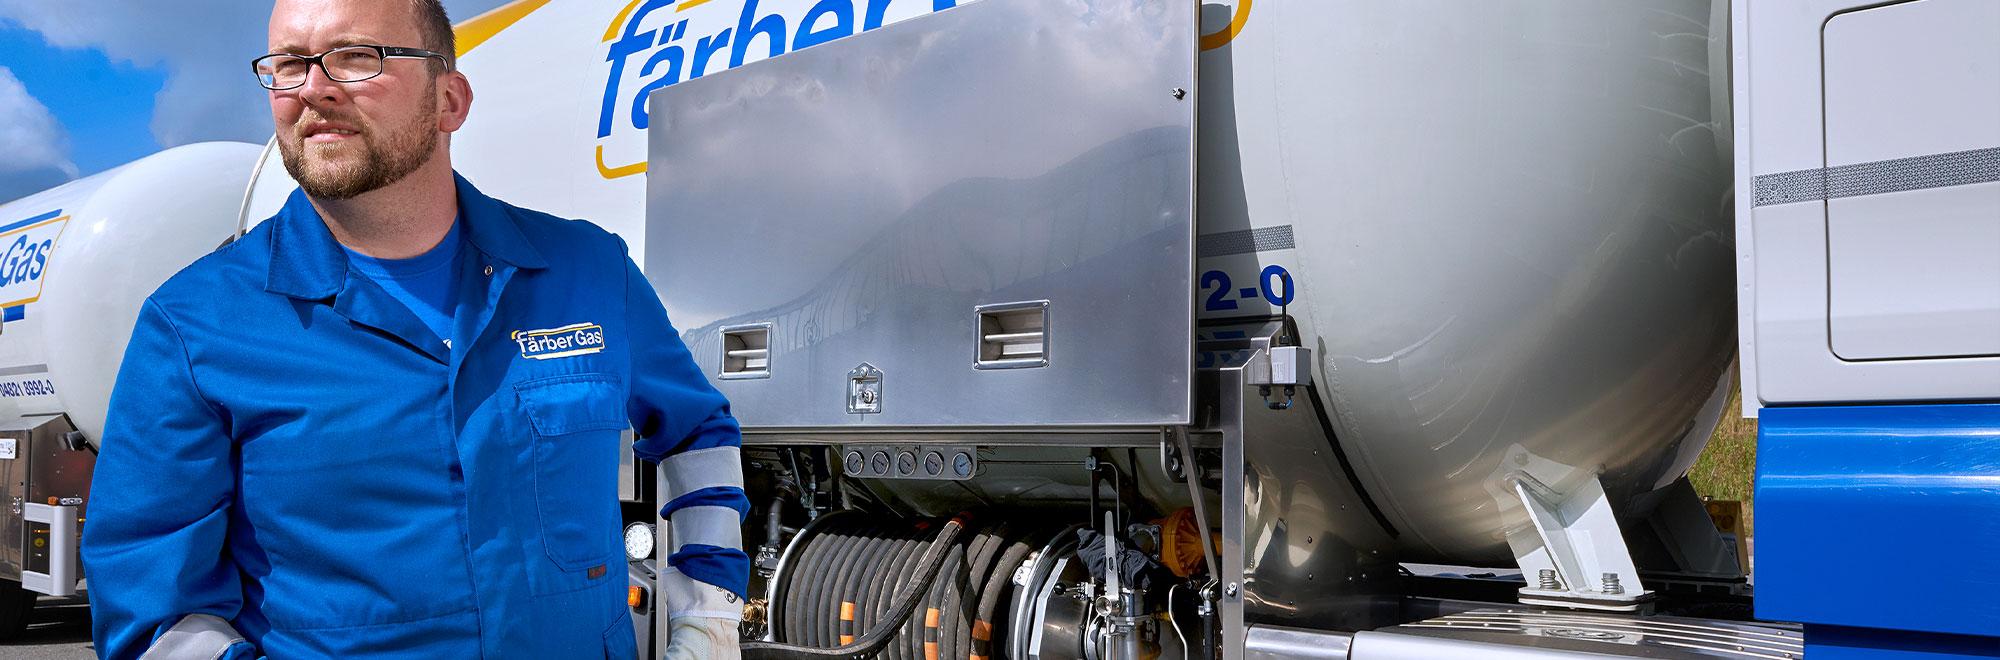 Färber Gas Stellenangebote